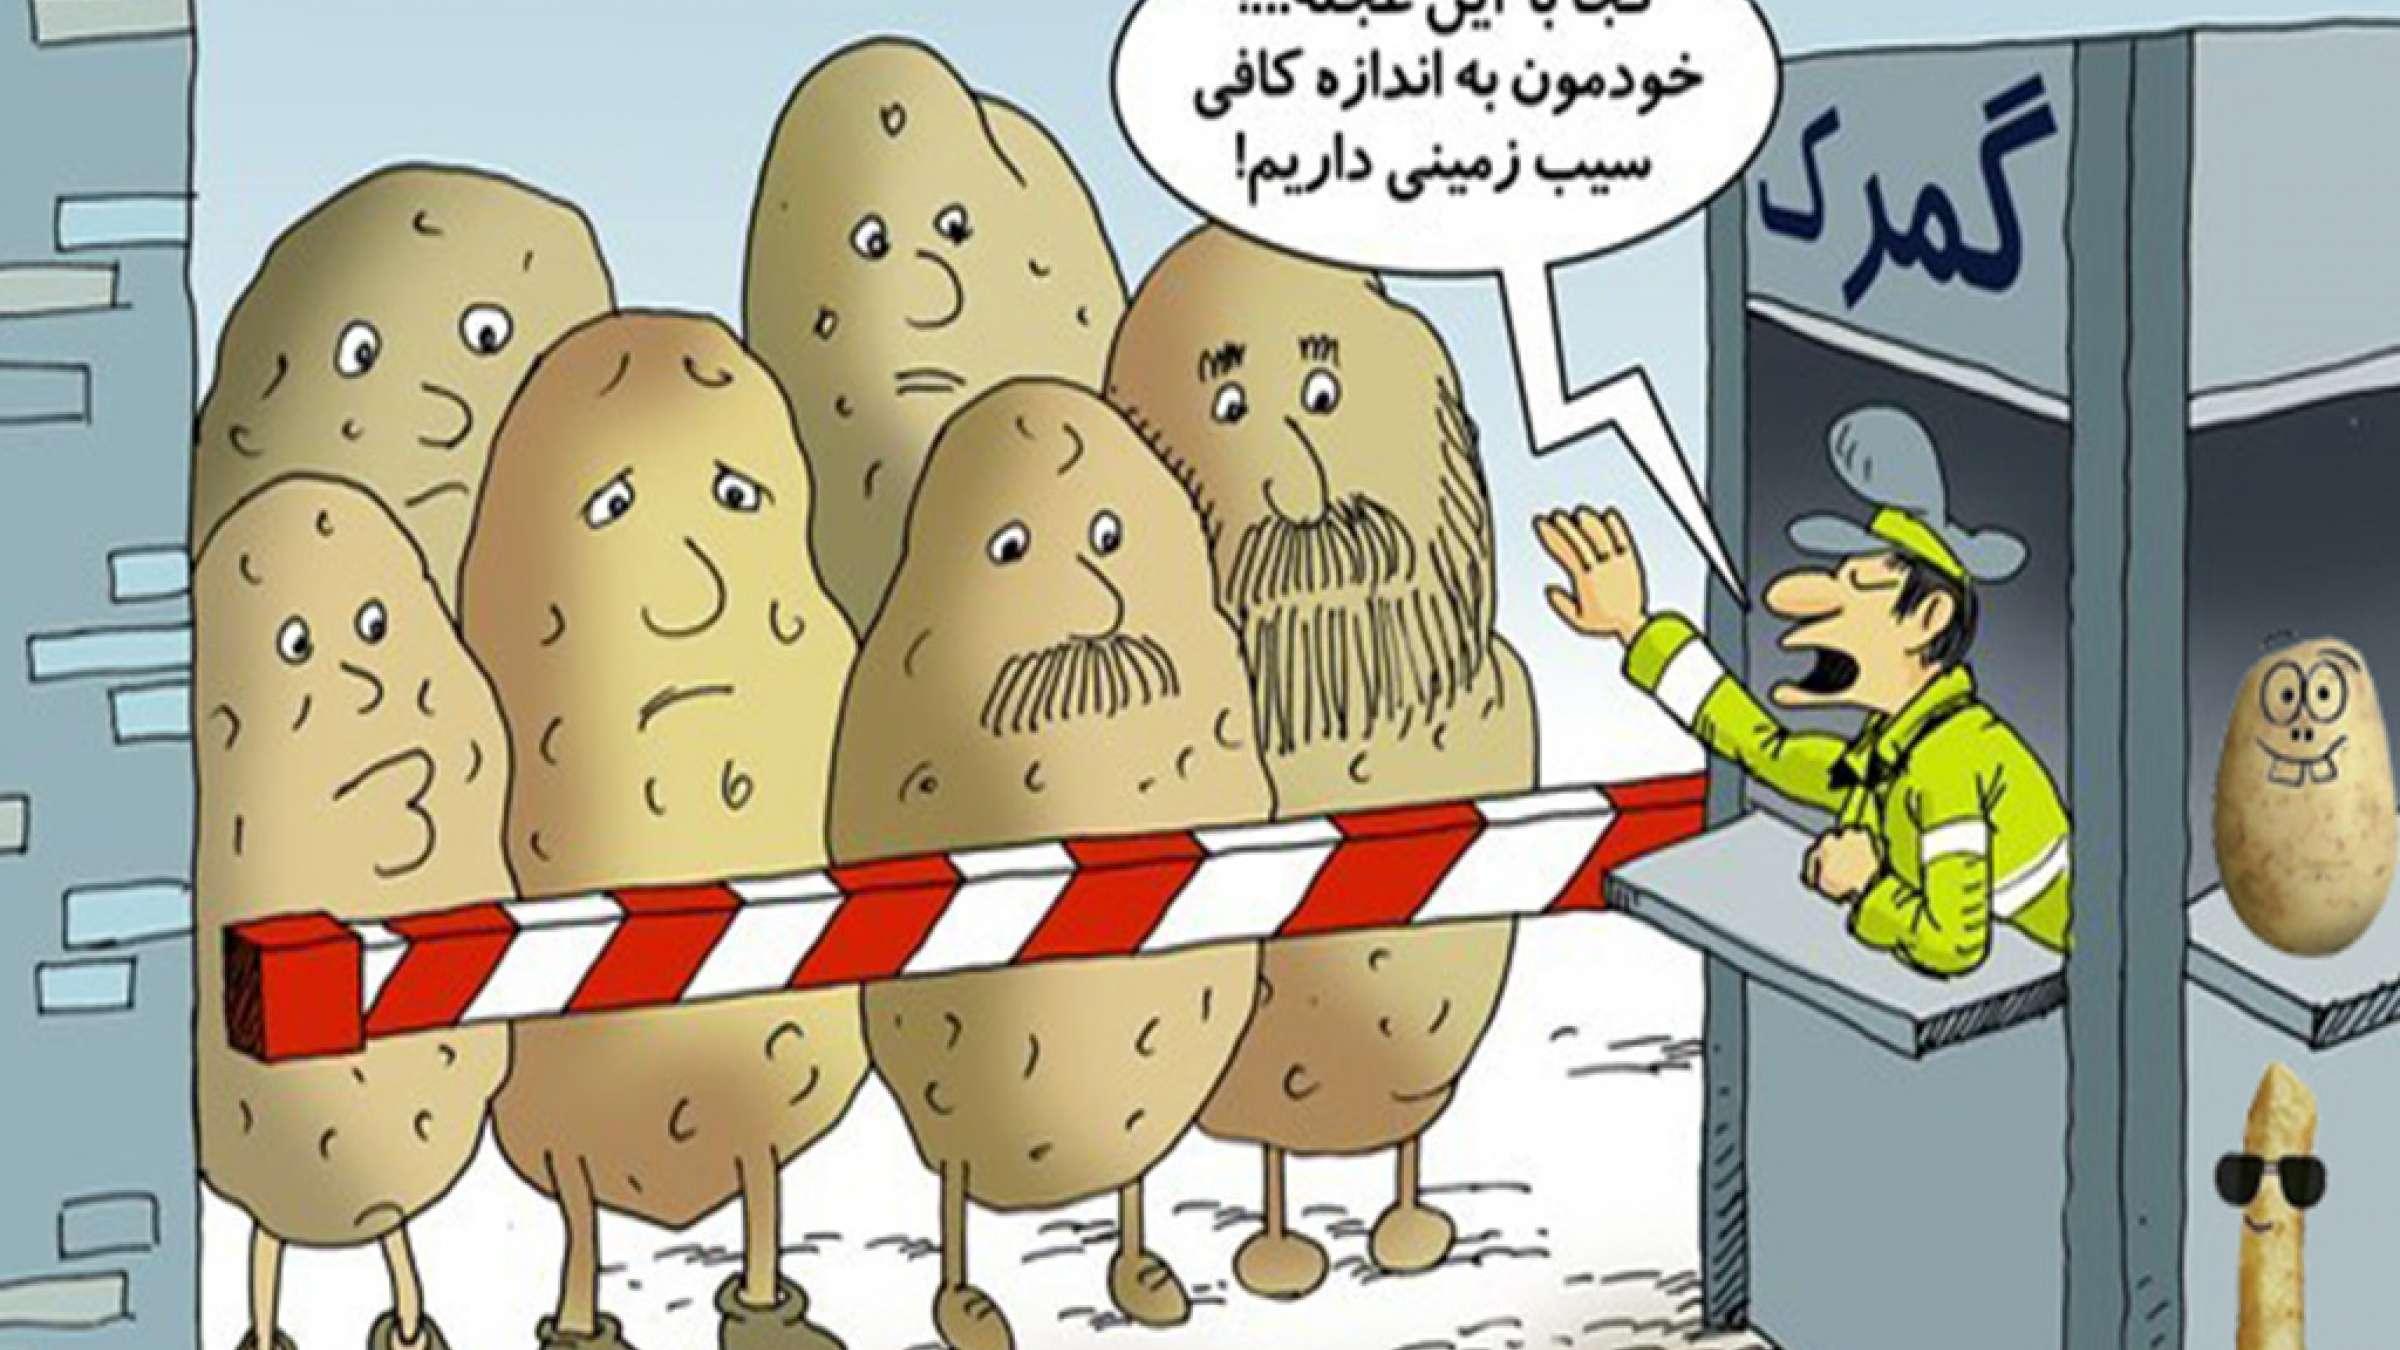 طنز-فضول-تشکیل-انجمن-ملی-سیبزمینی